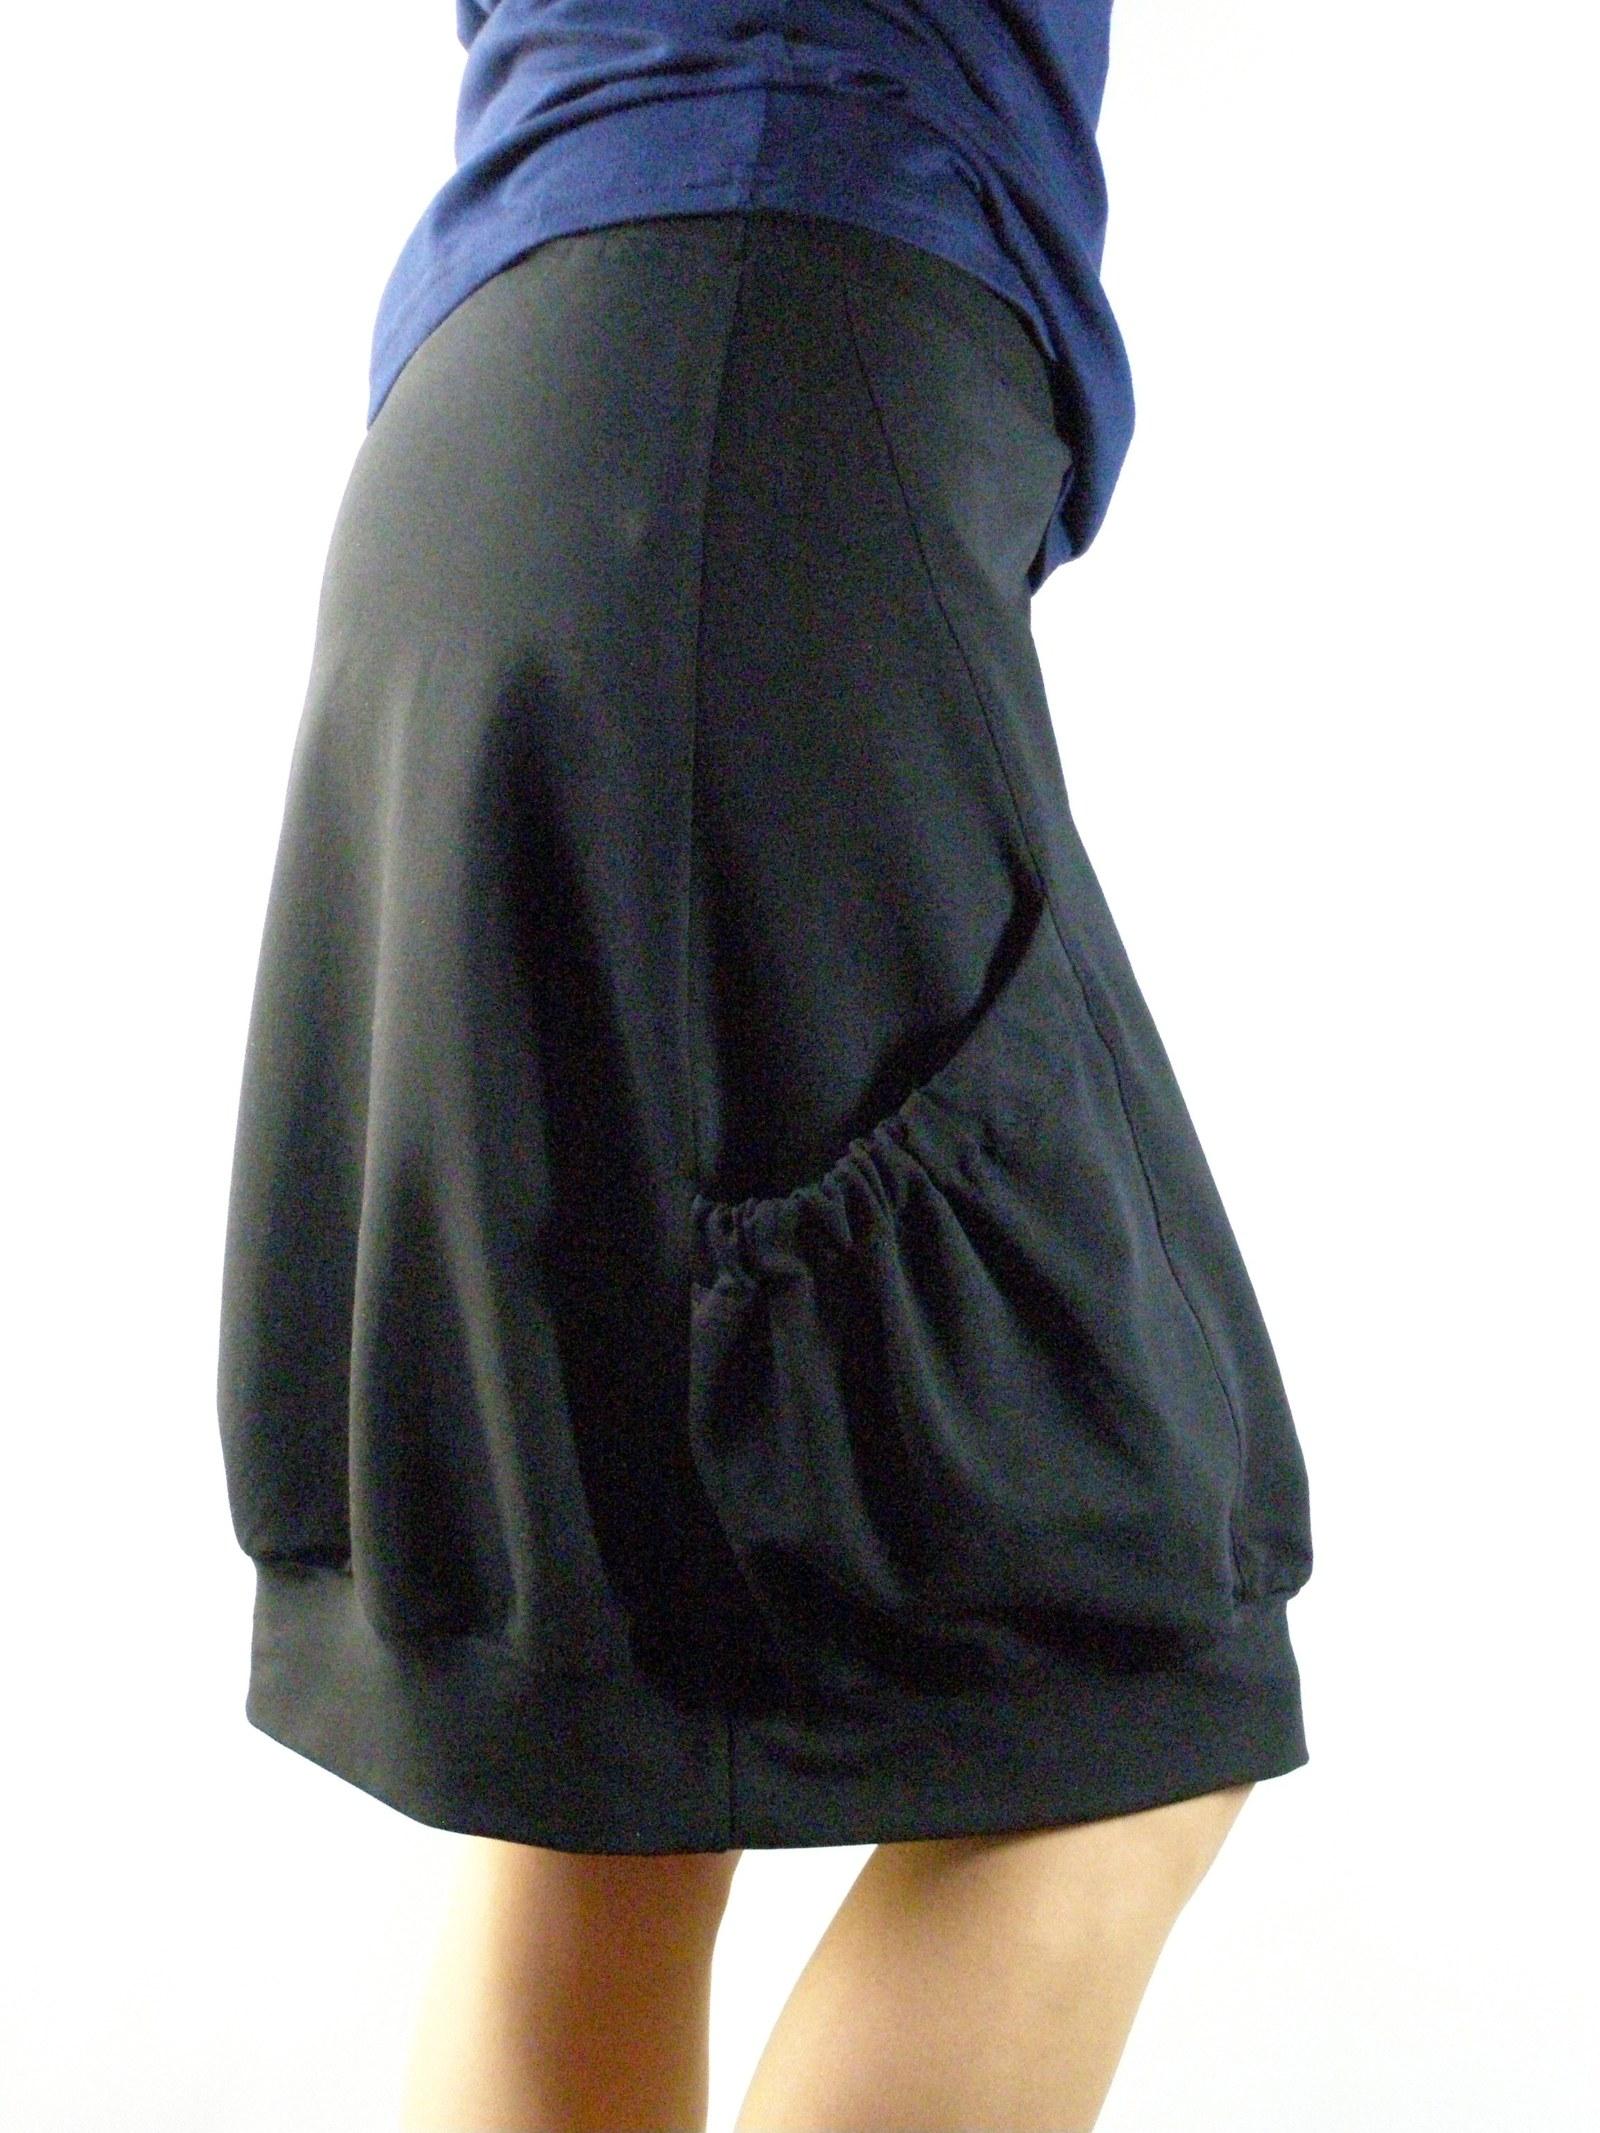 Černá sukně   Zboží prodejce LaPanika  7c36b60a58d